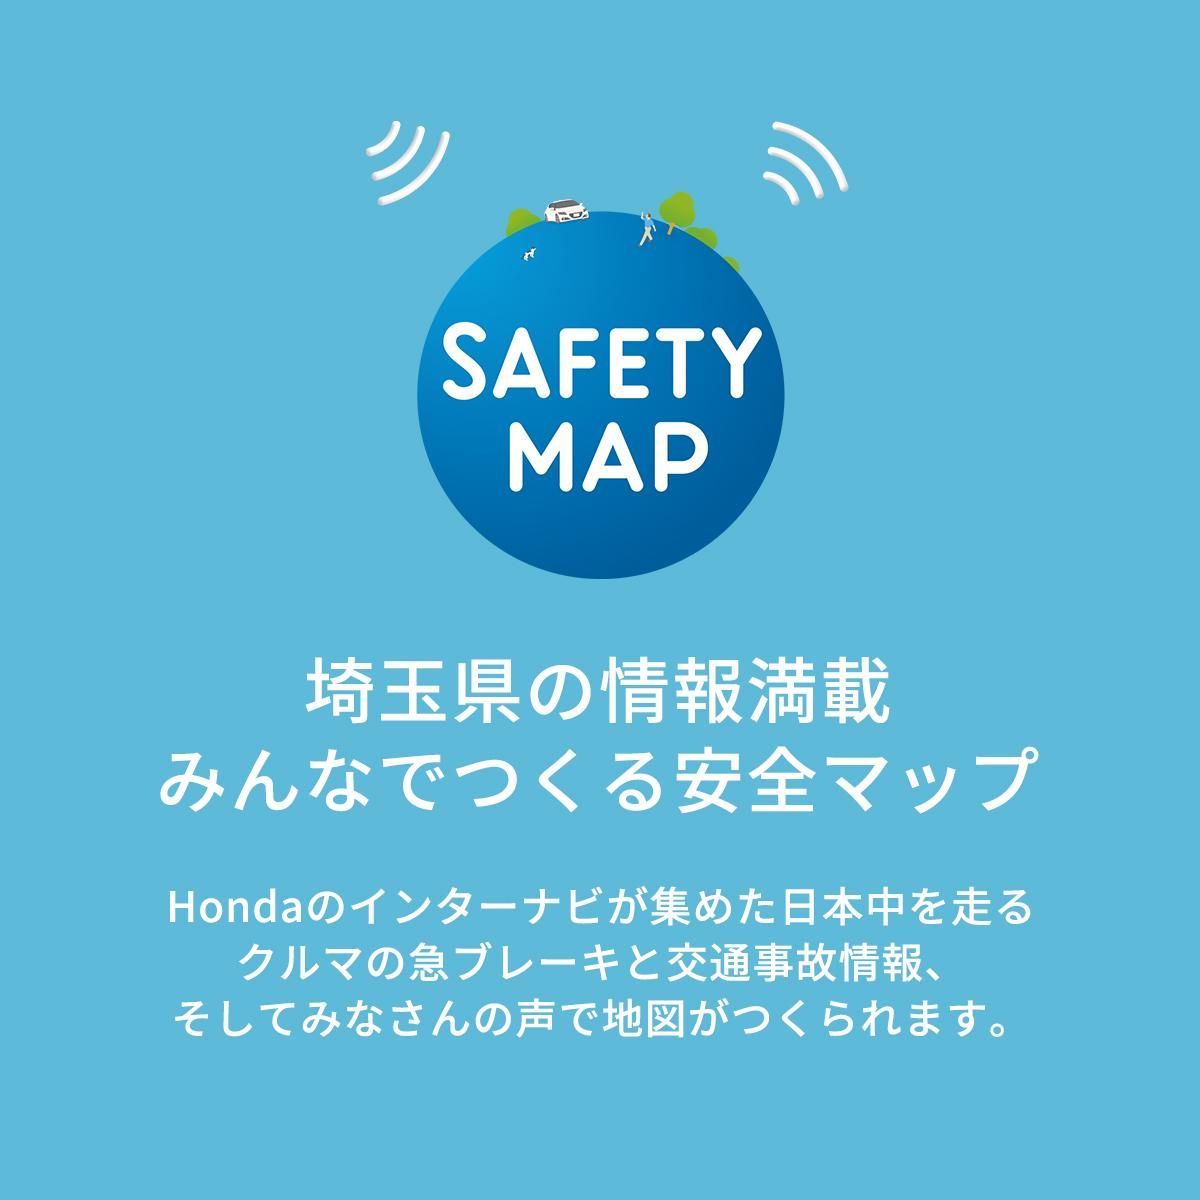 埼玉県の情報満載みんなでつくる安全マップ